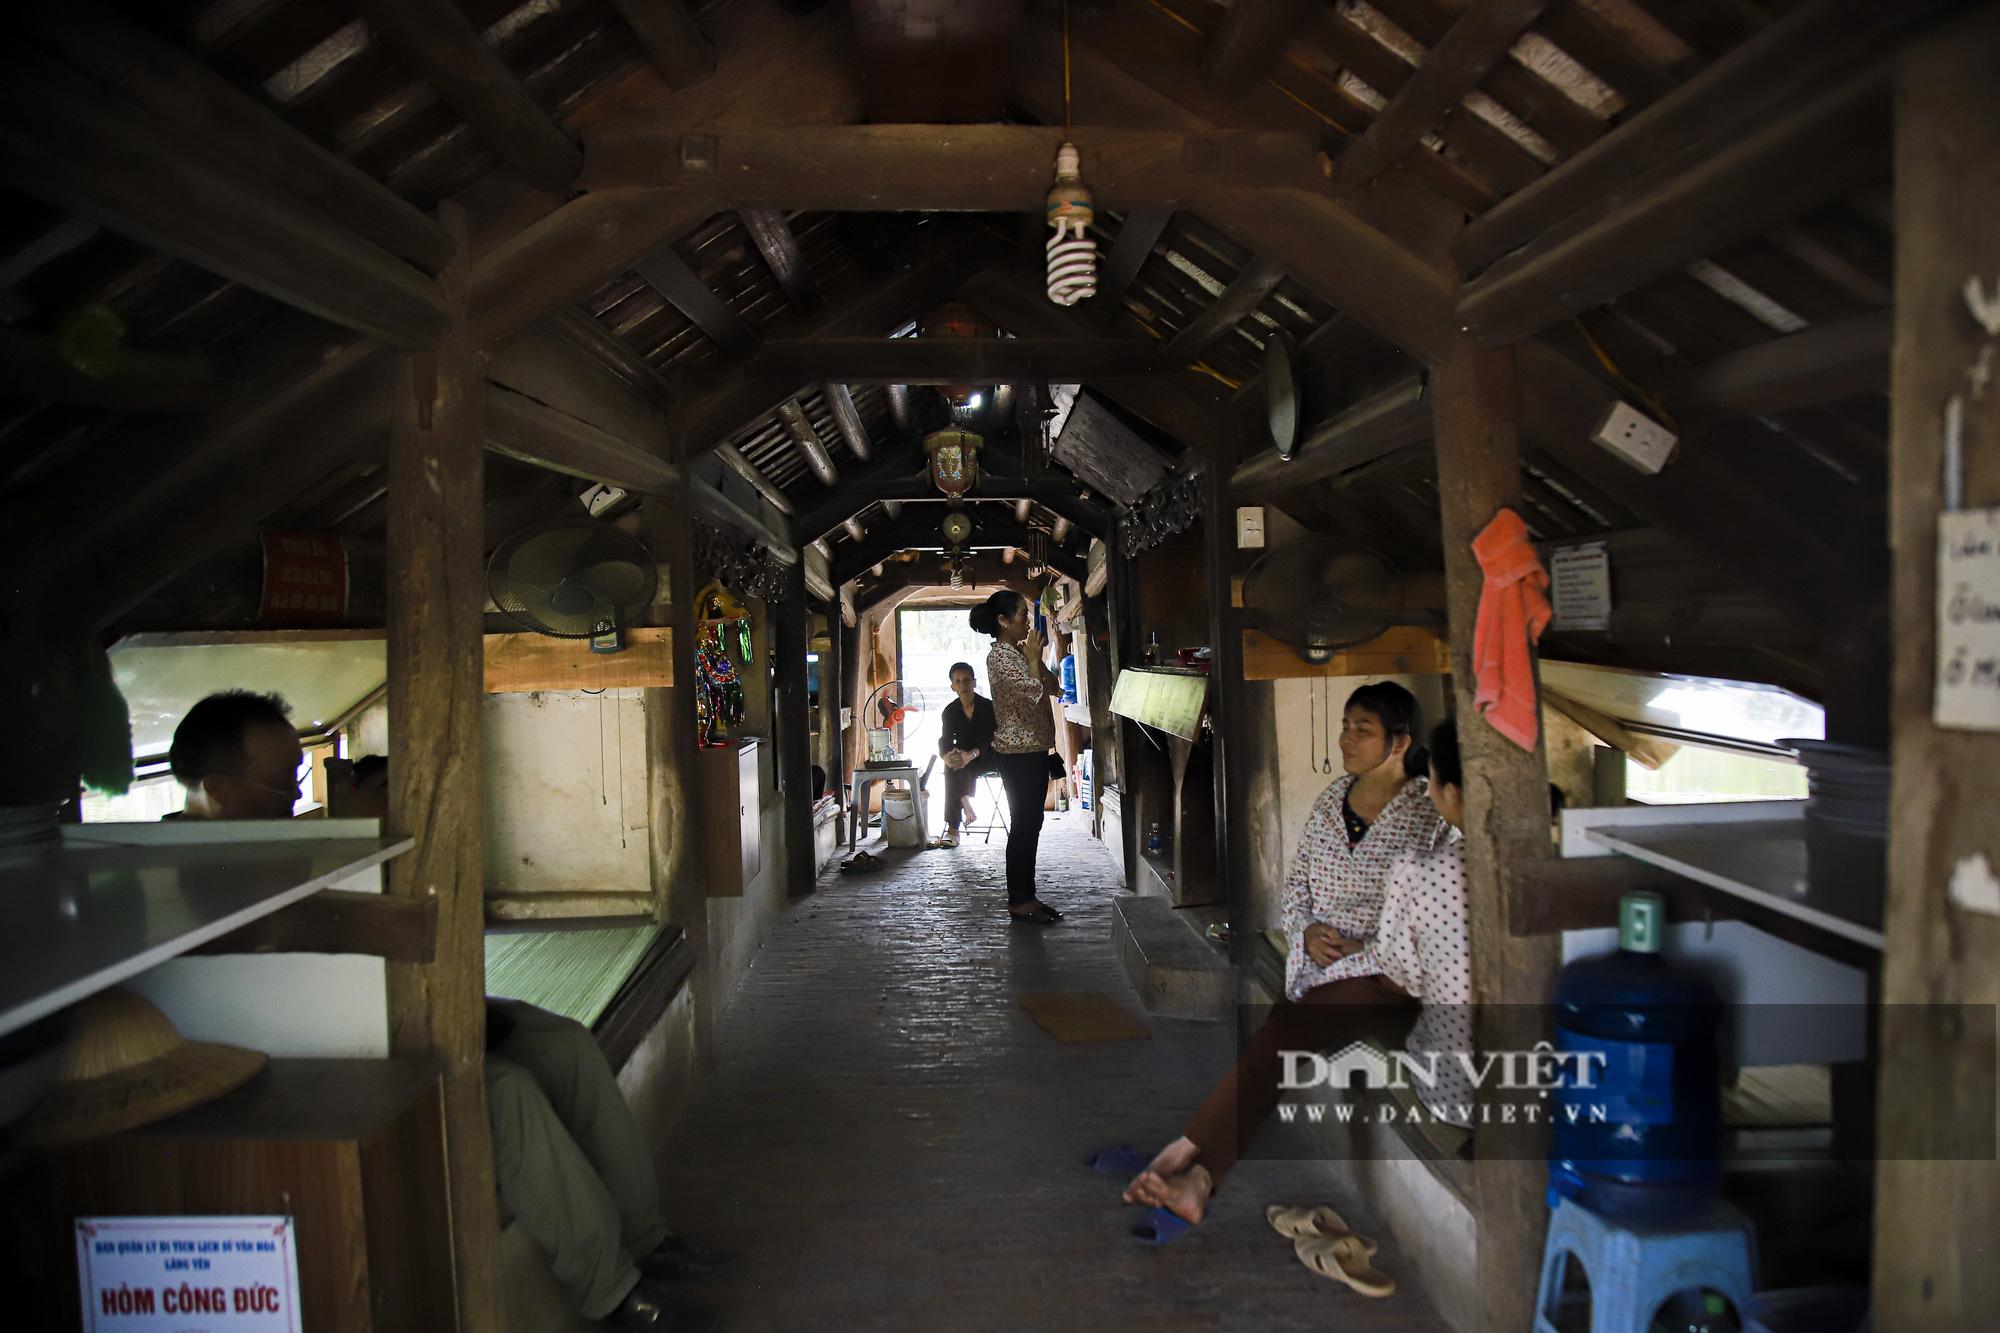 Cận cảnh cây cầu có hình dáng thuyền nan úp ngược độc nhất vô nhị ở Hà Nội - Ảnh 5.